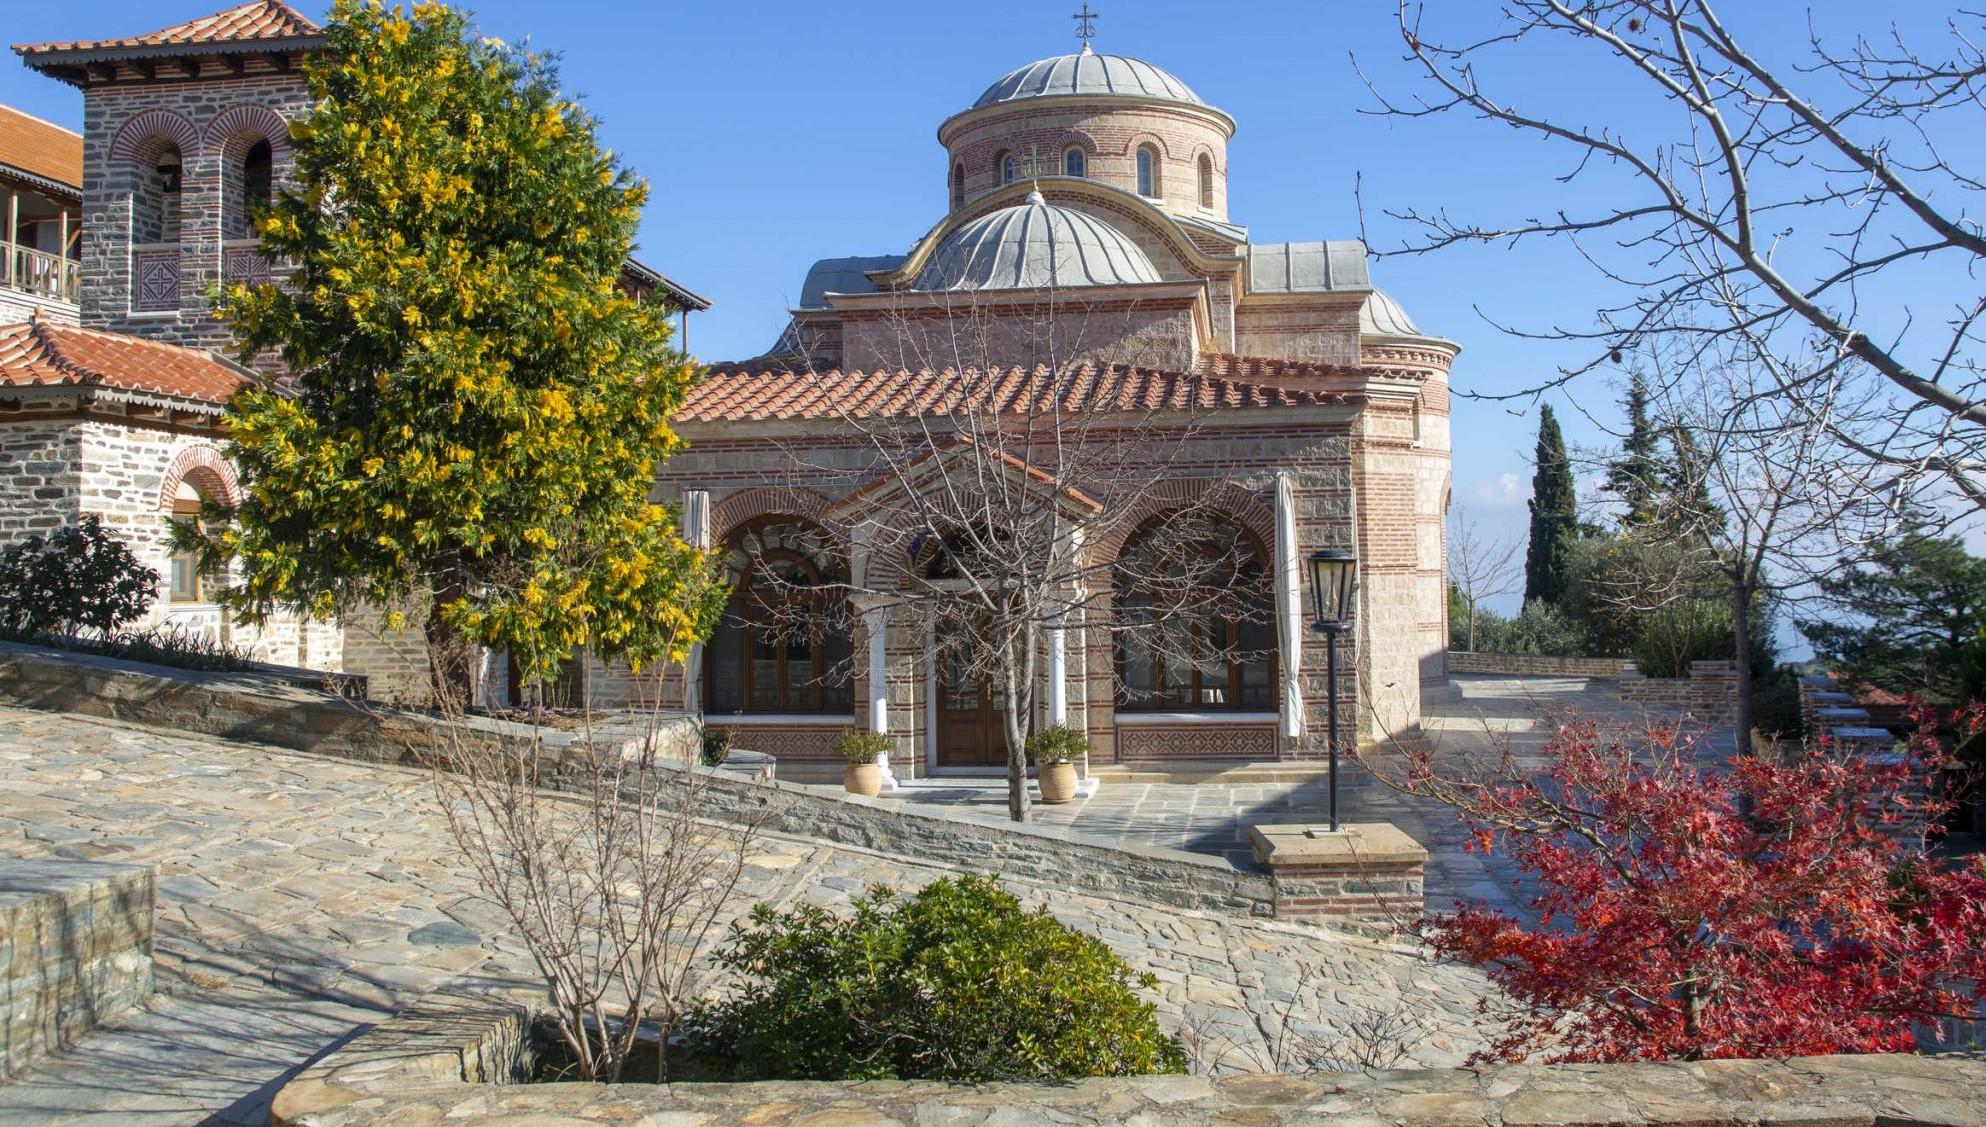 Άγιον Όρος Ιερό κελί Μπουραζέρι εορτάζει του Άγίου Νικολάου